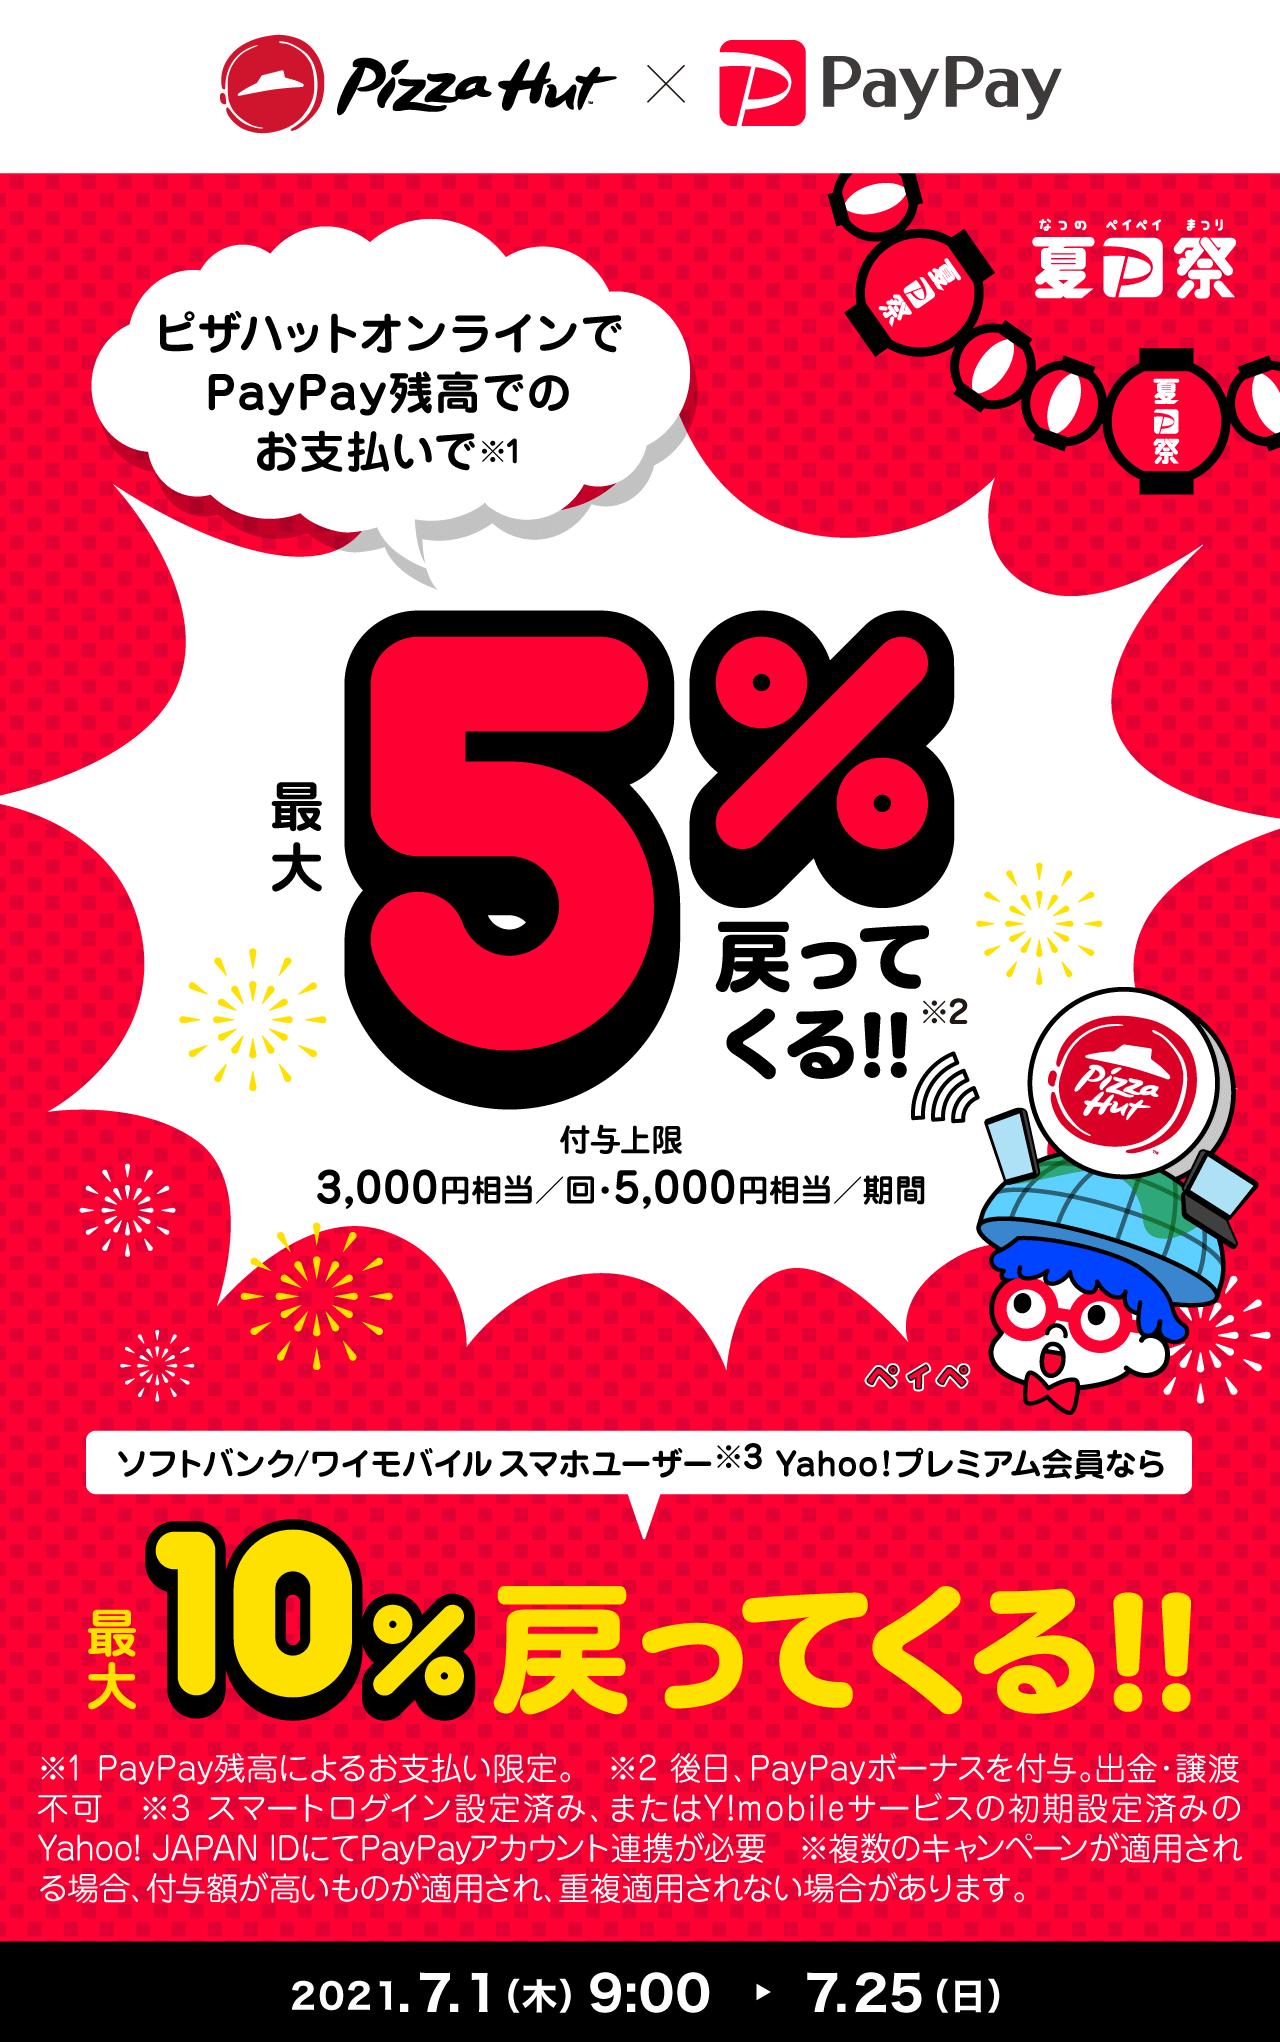 ピザハットオンラインでPayPay残高でのお支払いで 最大5%戻ってくる!!